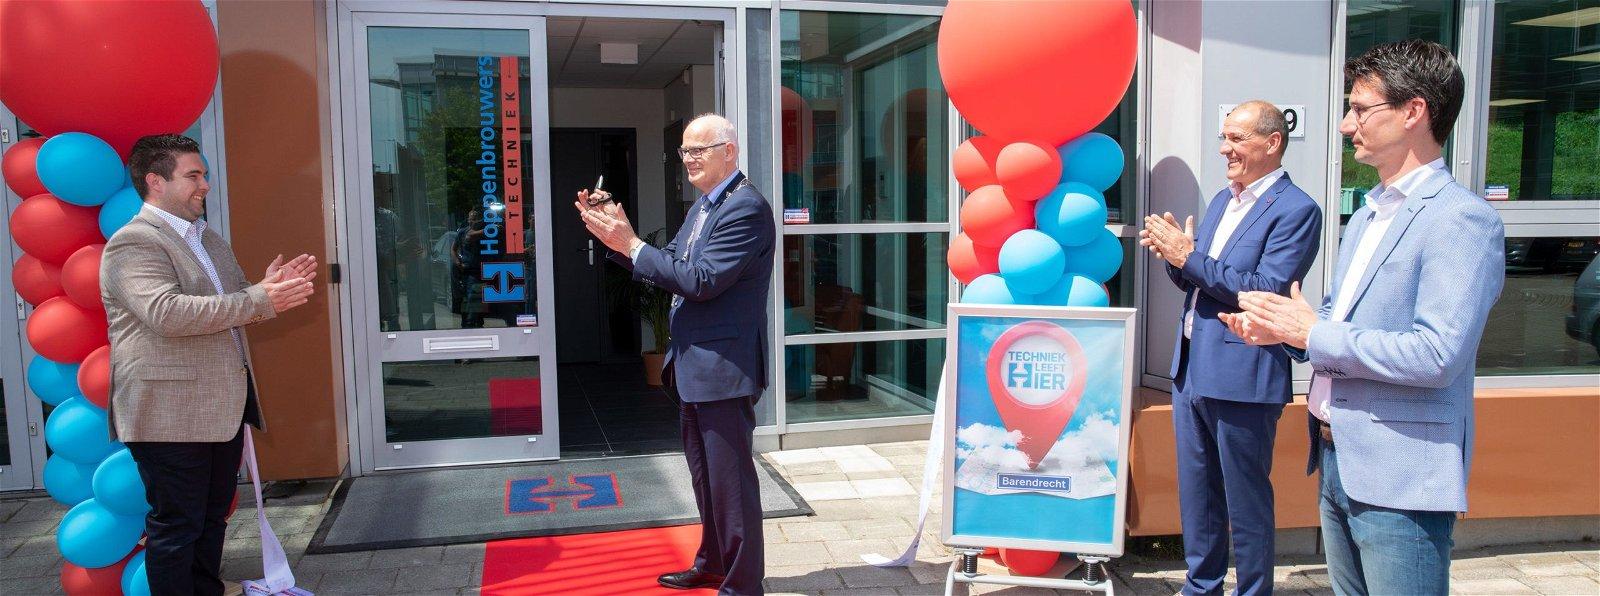 Burgemeester Van Belzen opent vestiging van Hoppenbrouwers Techniek in Barendrecht